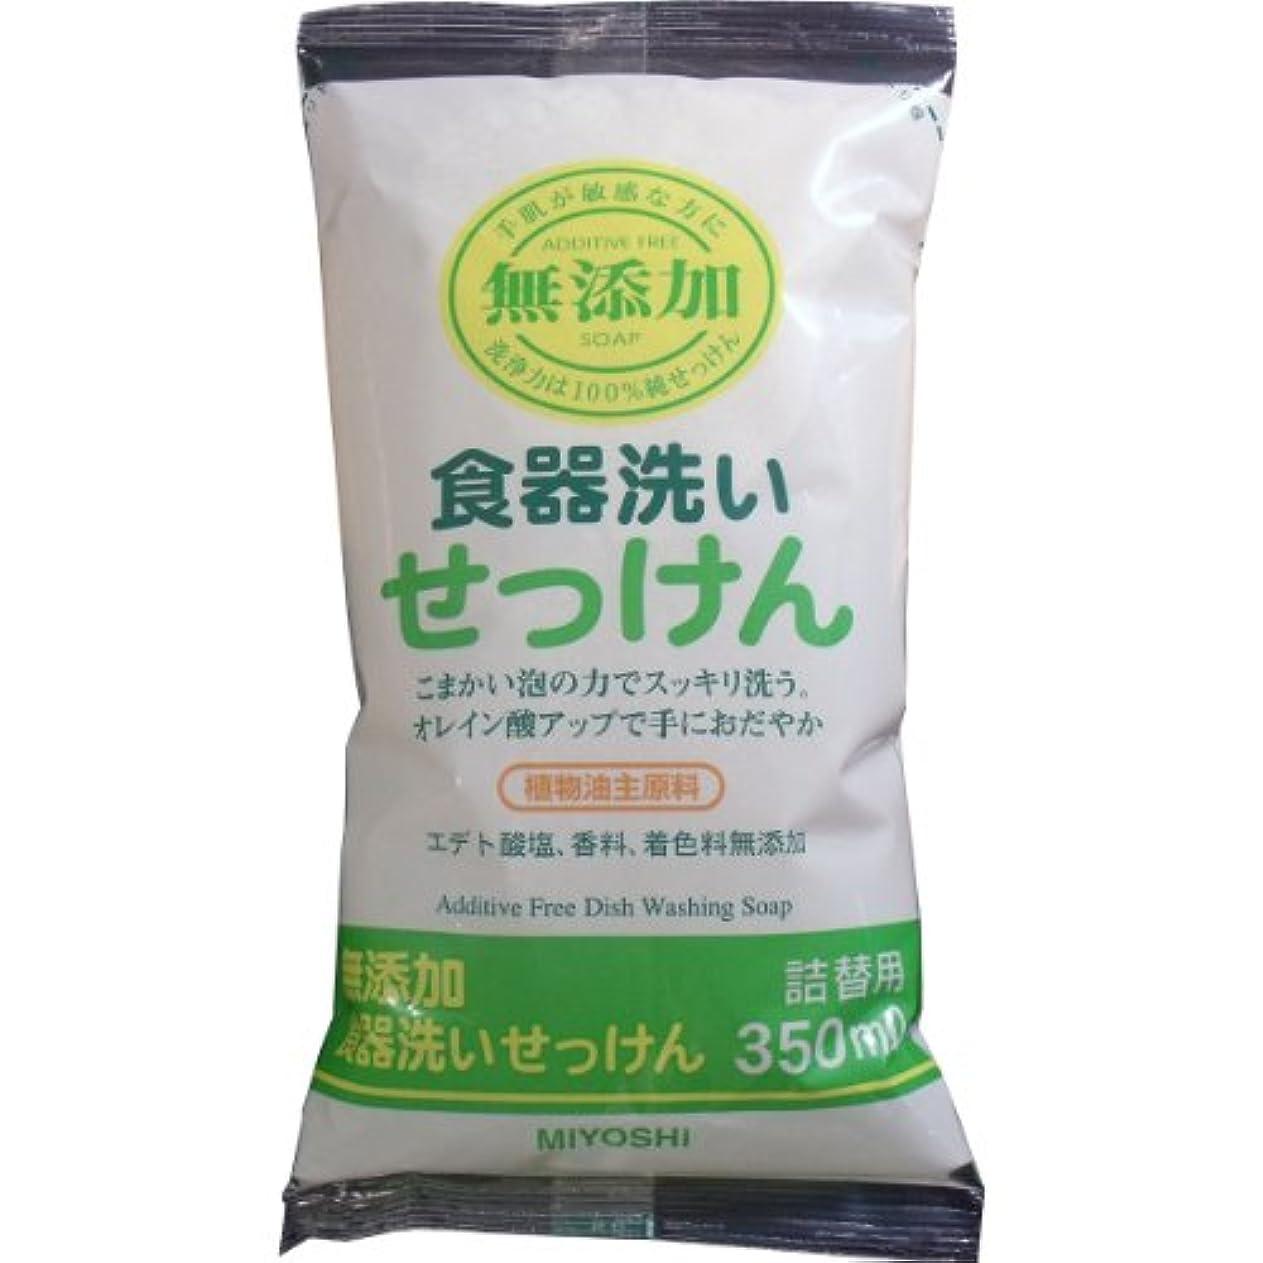 プランテーションコンテンポラリー受動的ミヨシ 無添加 食器洗いせっけん つめかえ用 350ml(無添加石鹸)